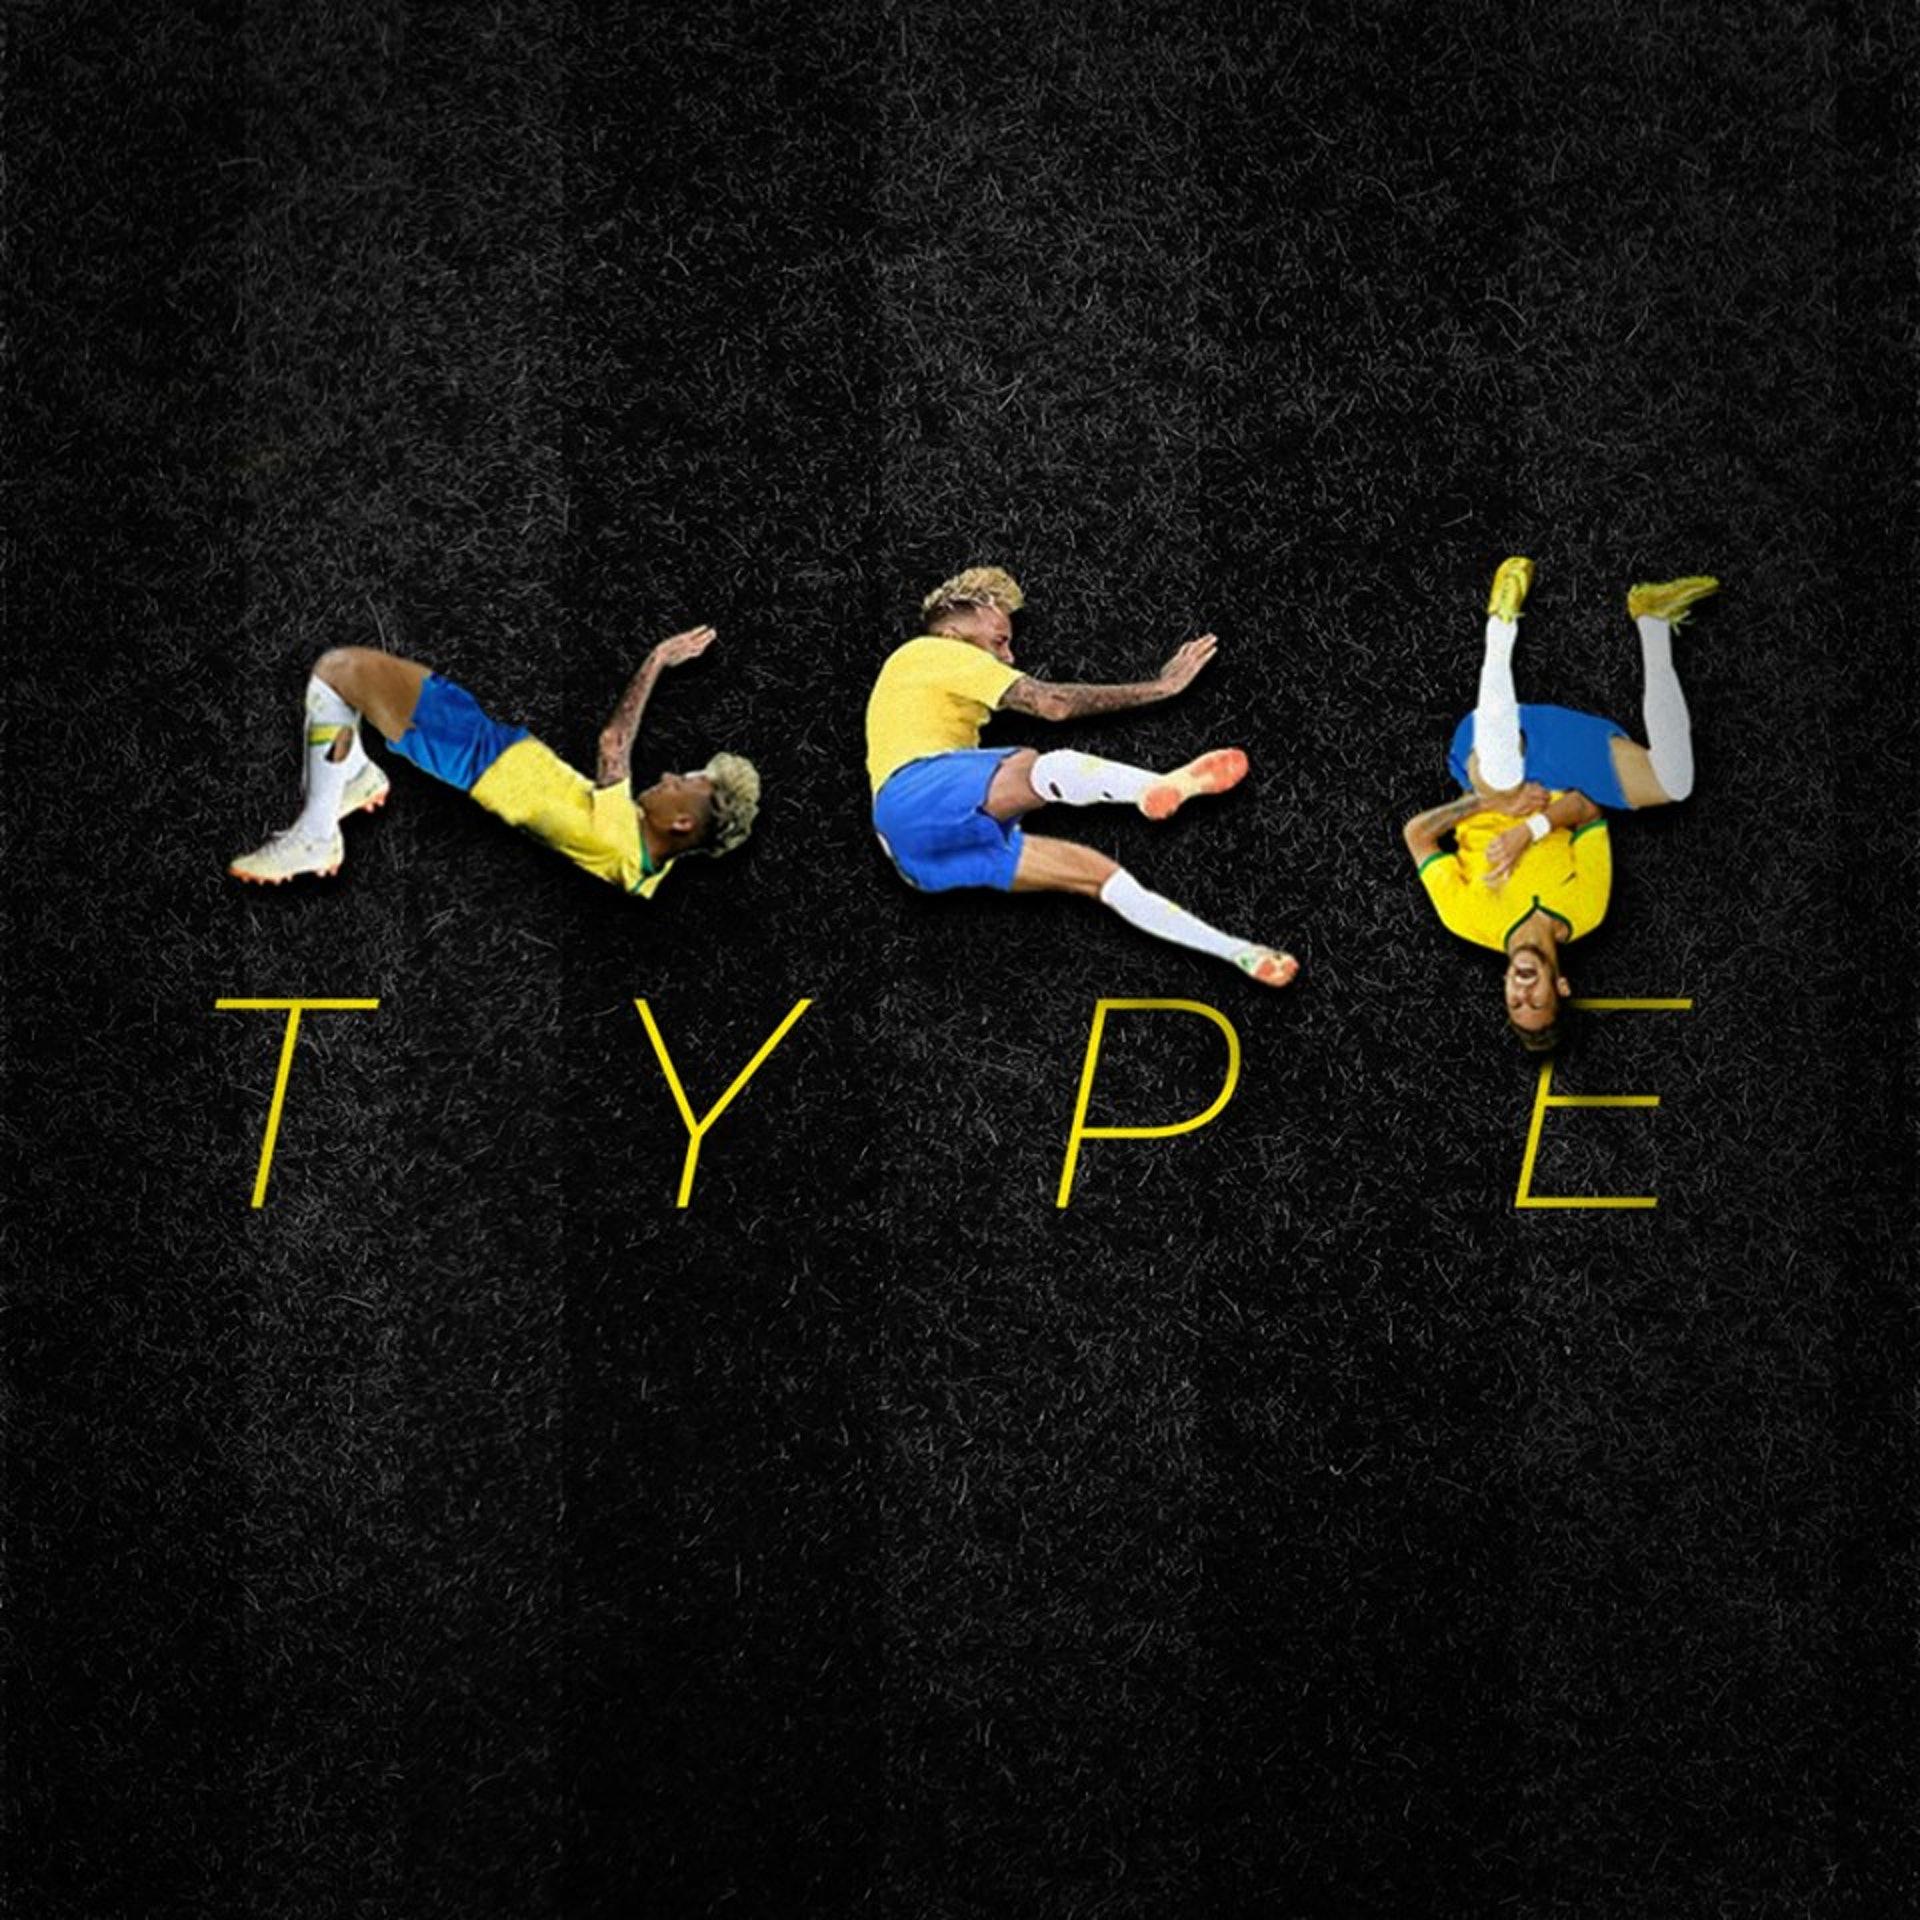 巴西設計師發現,尼馬碌地動作可以拼成「A-Z」,因而設計出一套「尼馬字體」,圖為字體名稱「NEY TYPE」。(fb「Luciano Jacob」圖片)